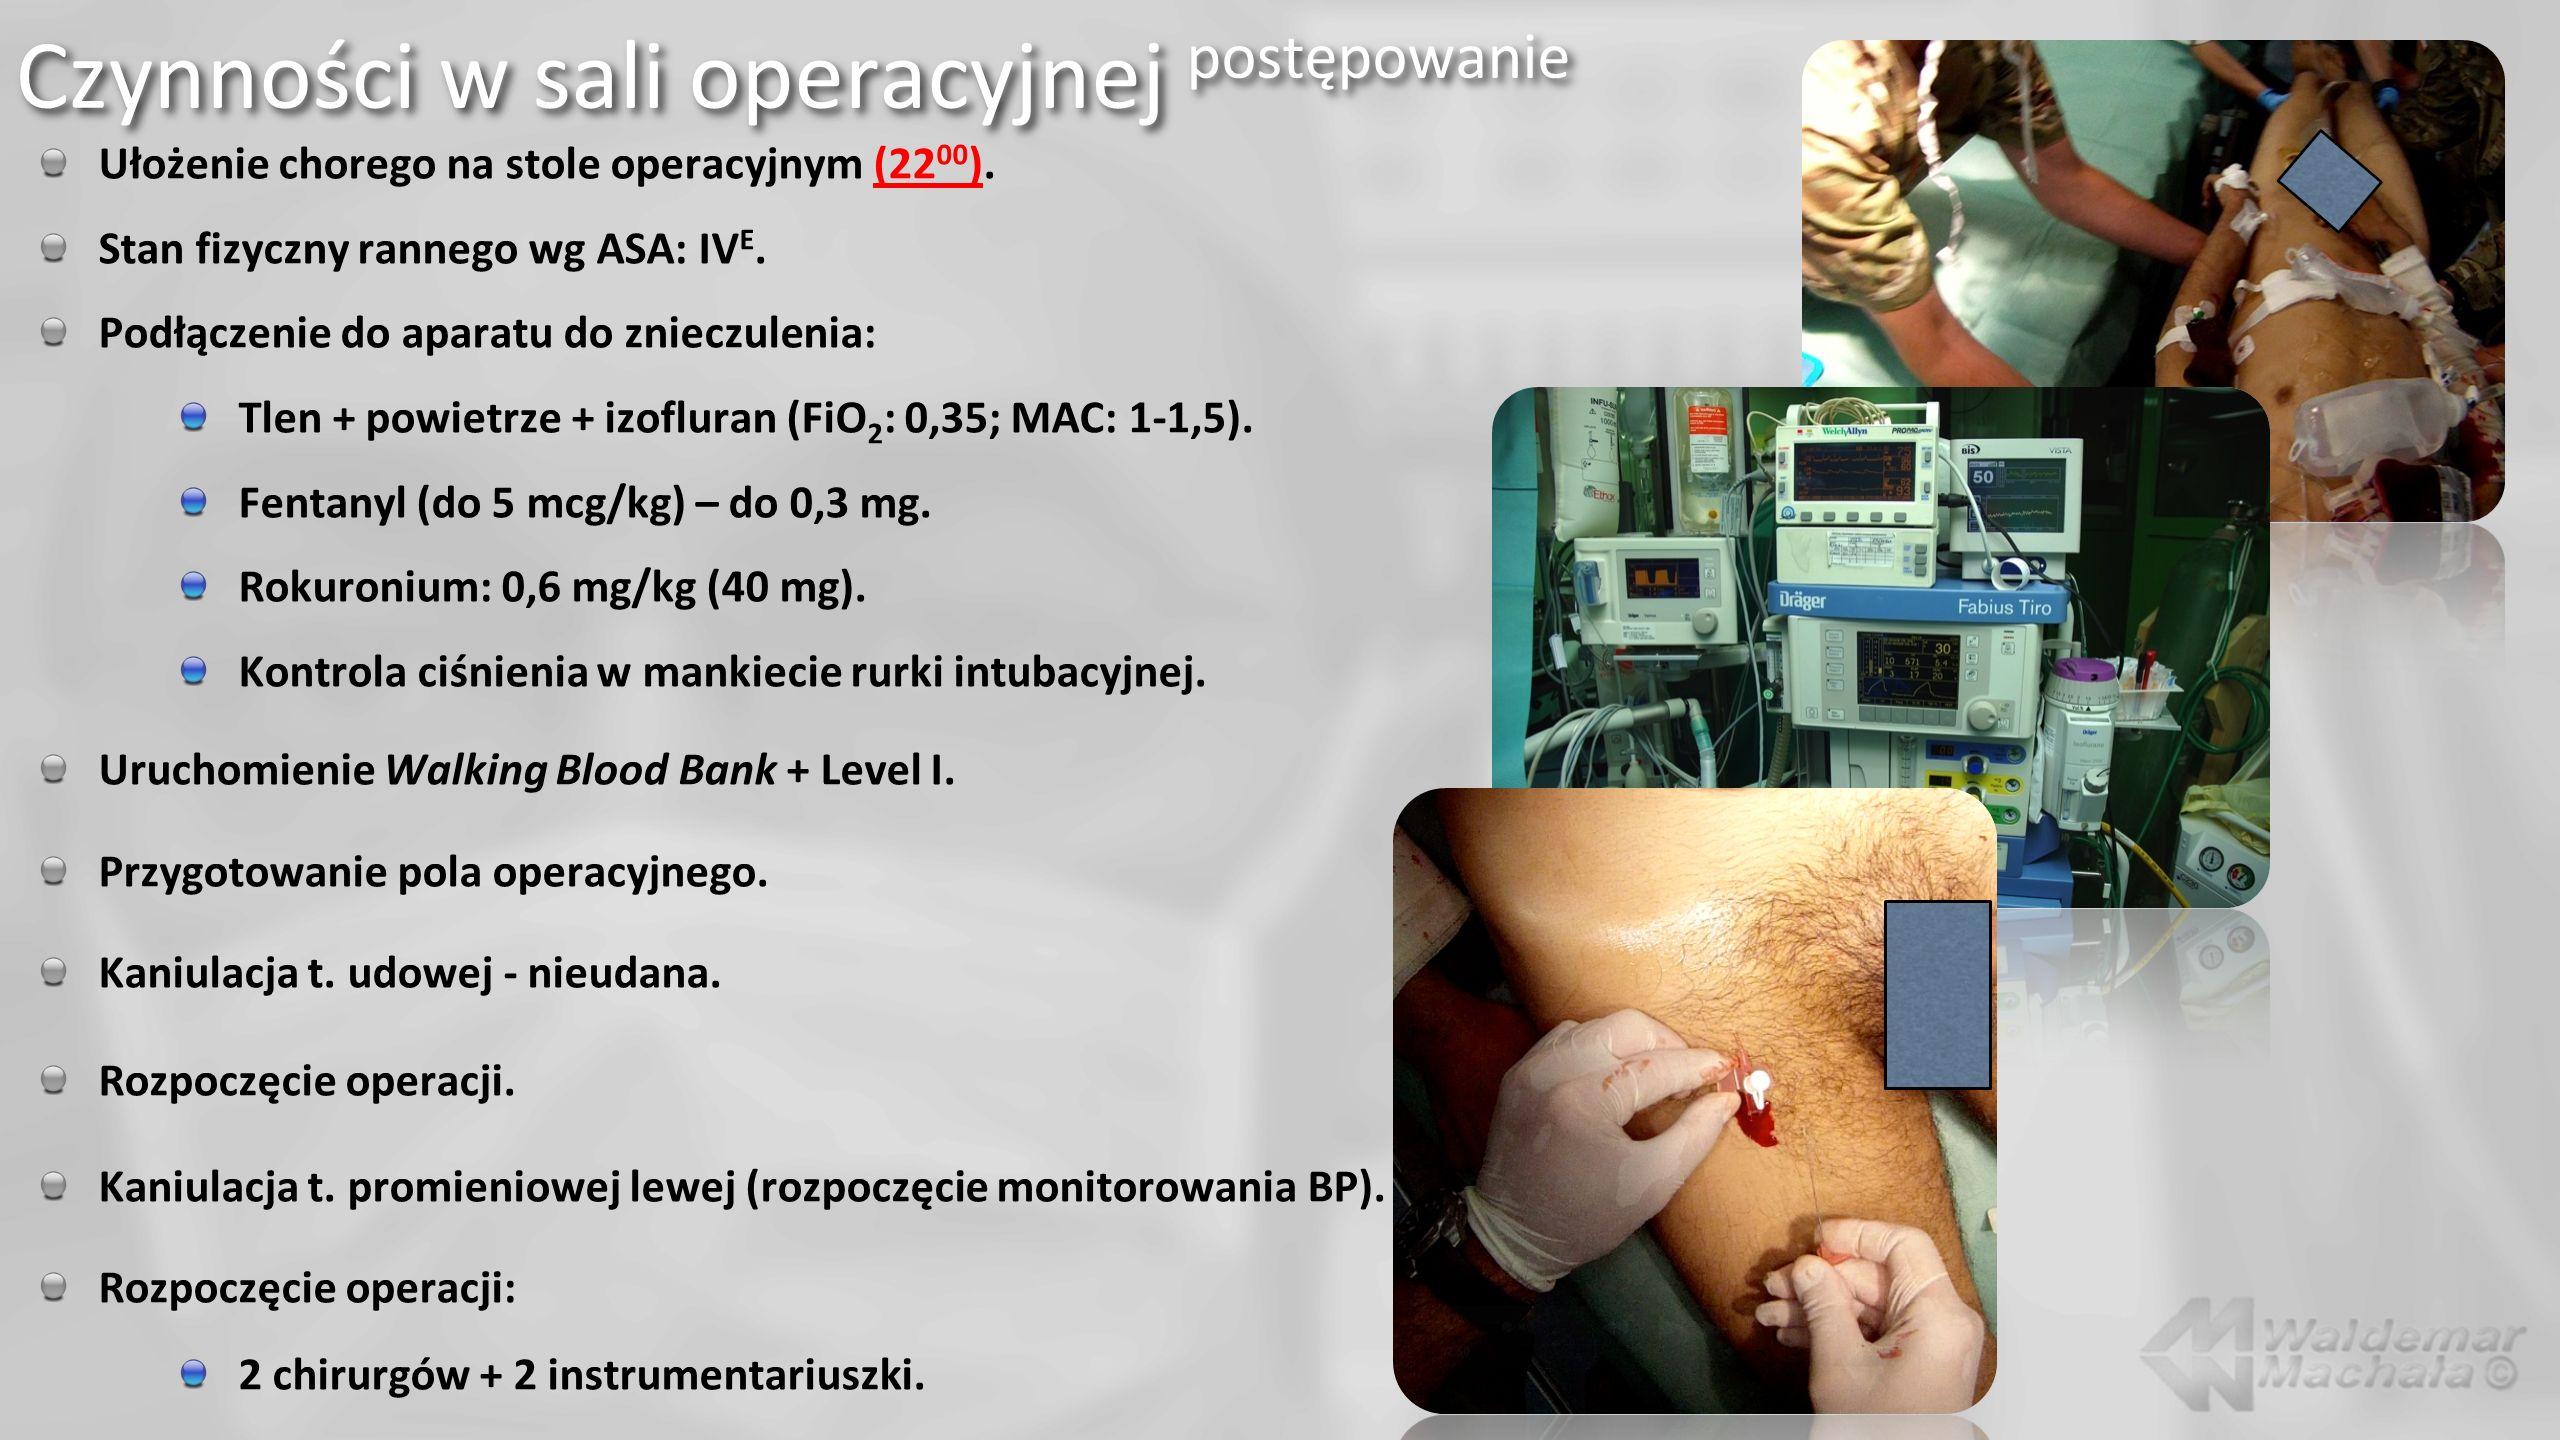 Ułożenie chorego na stole operacyjnym (22 00 ). Stan fizyczny rannego wg ASA: IV E. Podłączenie do aparatu do znieczulenia: Tlen + powietrze + izoflur